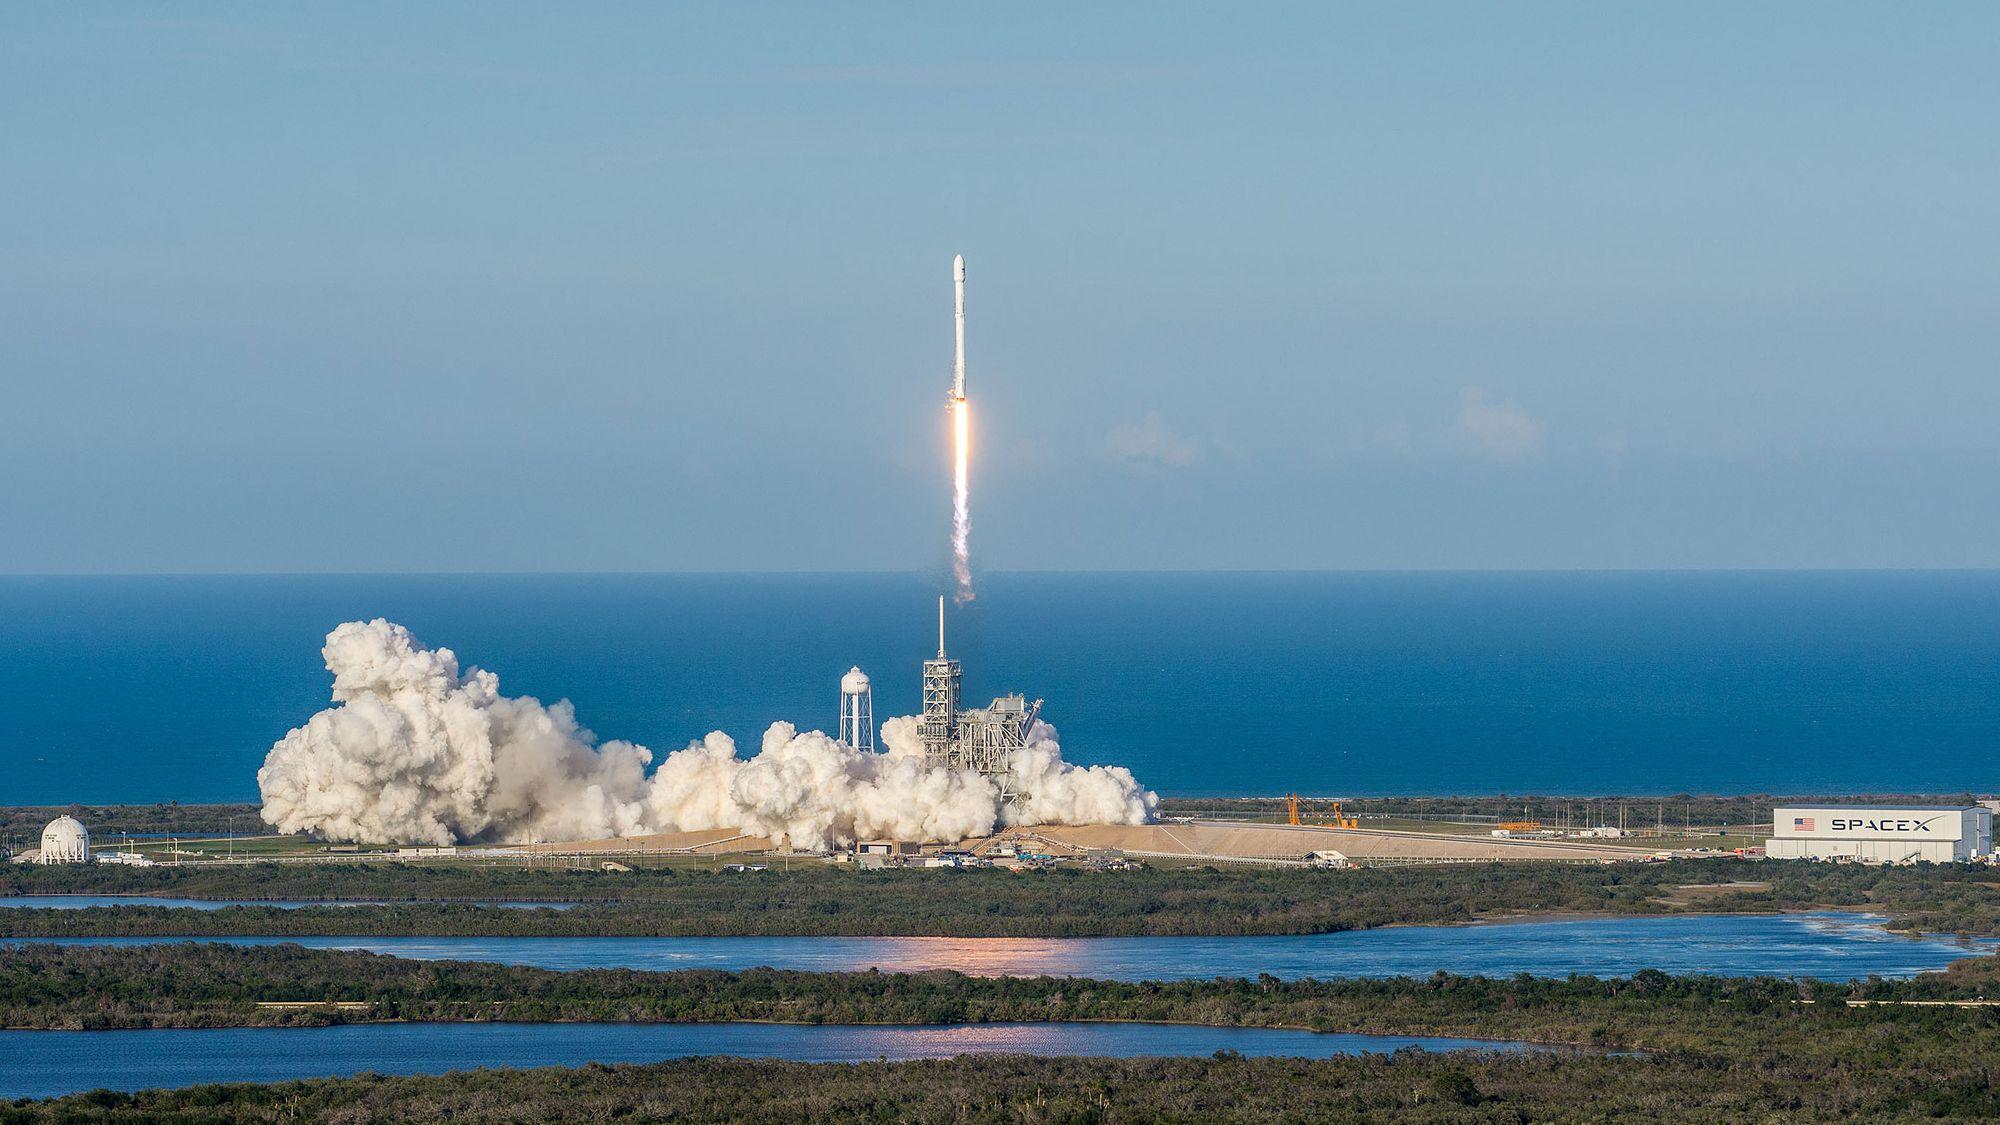 スペースX、次は24時間以内のロケット再発射に挑戦